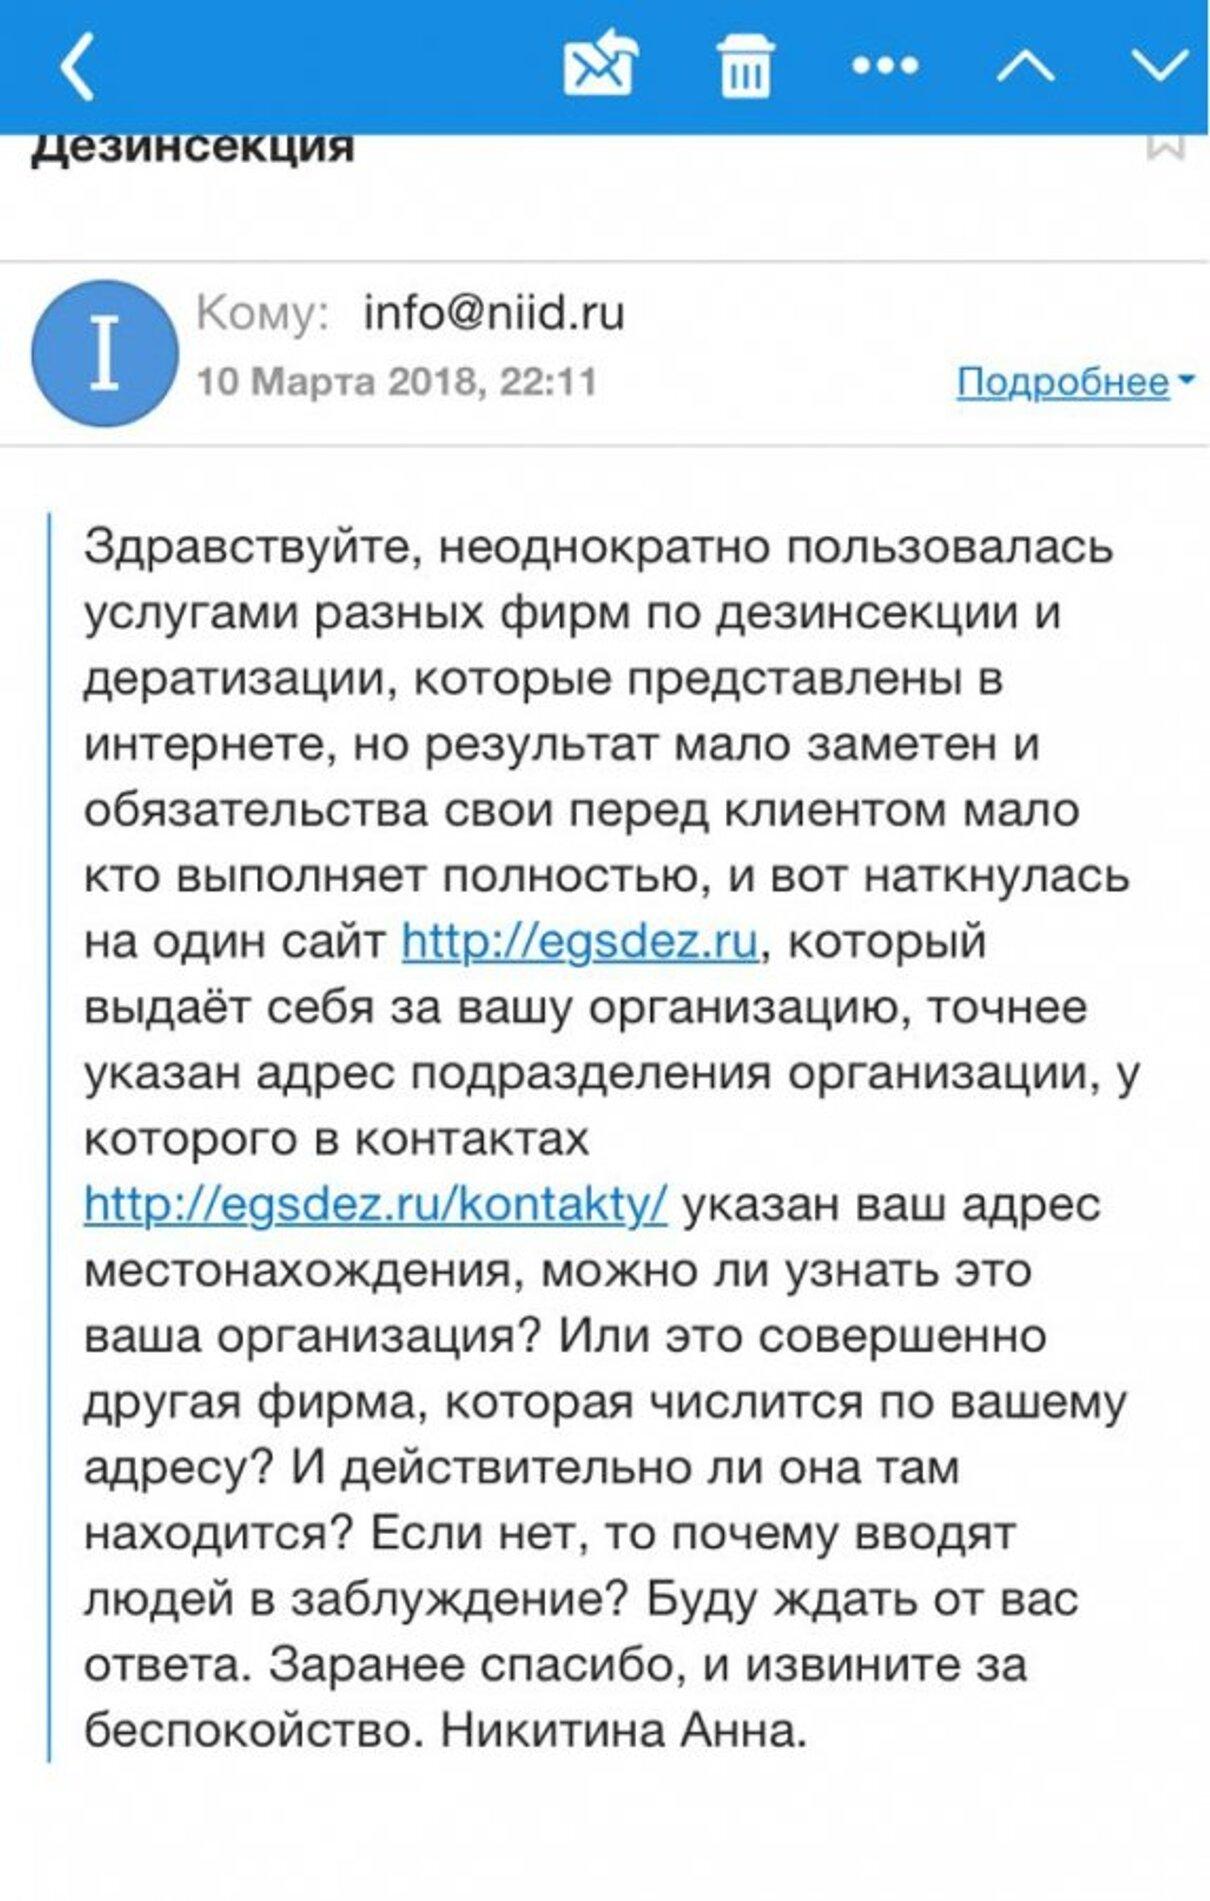 Жалоба-отзыв: Единая Городская Служба Дезинфекции - Обманывают людей!!!.  Фото №1